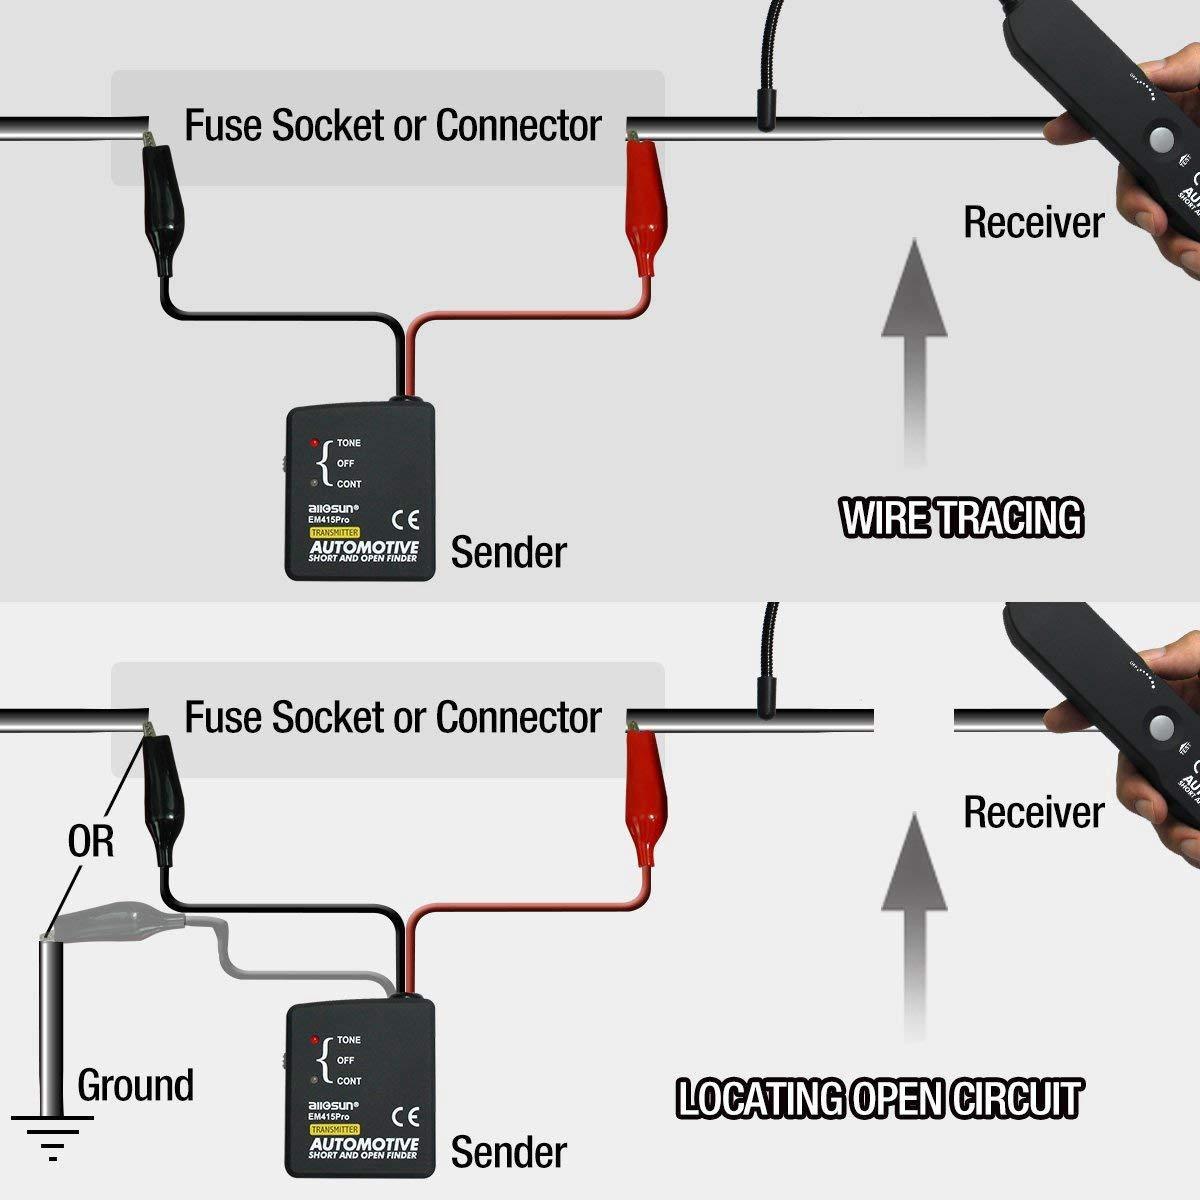 Rivelatore Cikuso Rilevatore di Cavi per Cavi automobilistico//Rilevatore di Corto Circuito e Aperto e Tracciante//Tester Strumento di Riparazione Auto